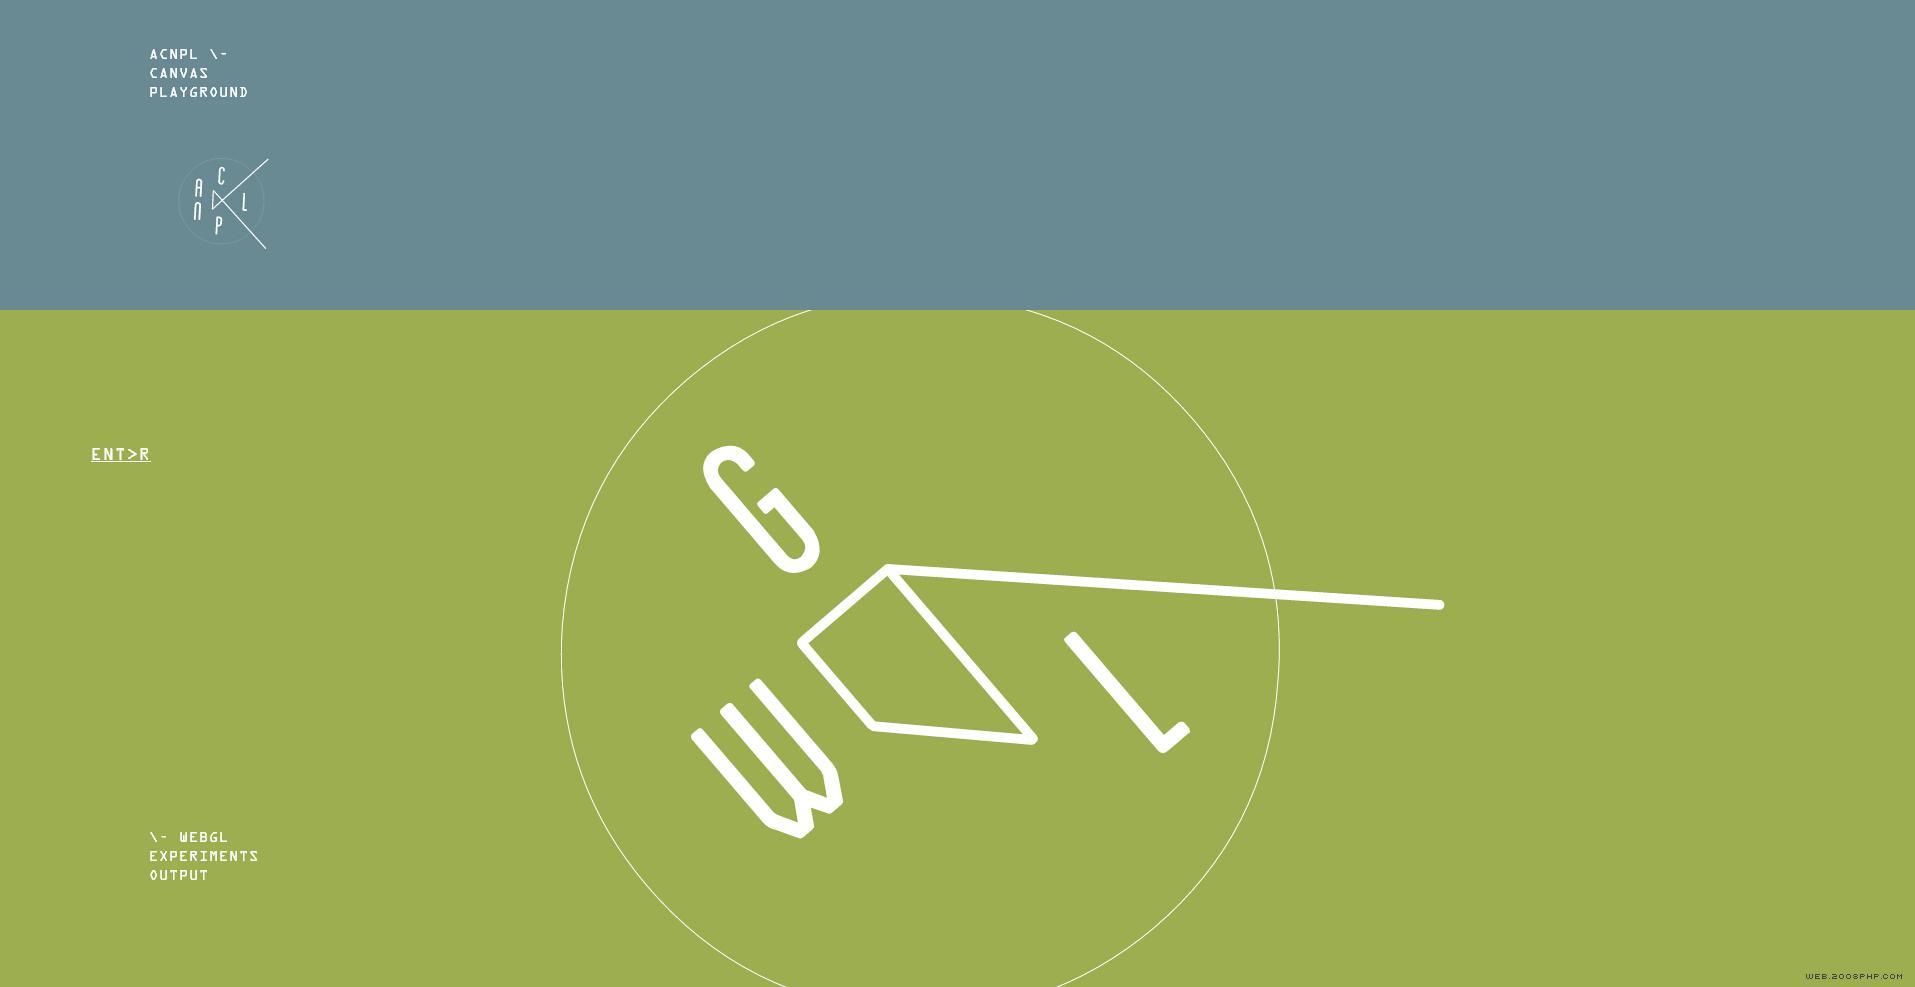 4 张 欧美Yipori卡通儿童插图,玩具,五颜六色,设计,壁纸,画廊。Yipori是由克里斯亚历山大,一euthusatic插画和网页开发者在Cirencester总部设在科茨沃尔德。他对建立一个明确的可爱倾斜可爱的人物激情和快乐。 ID:42065  艺术设计  421